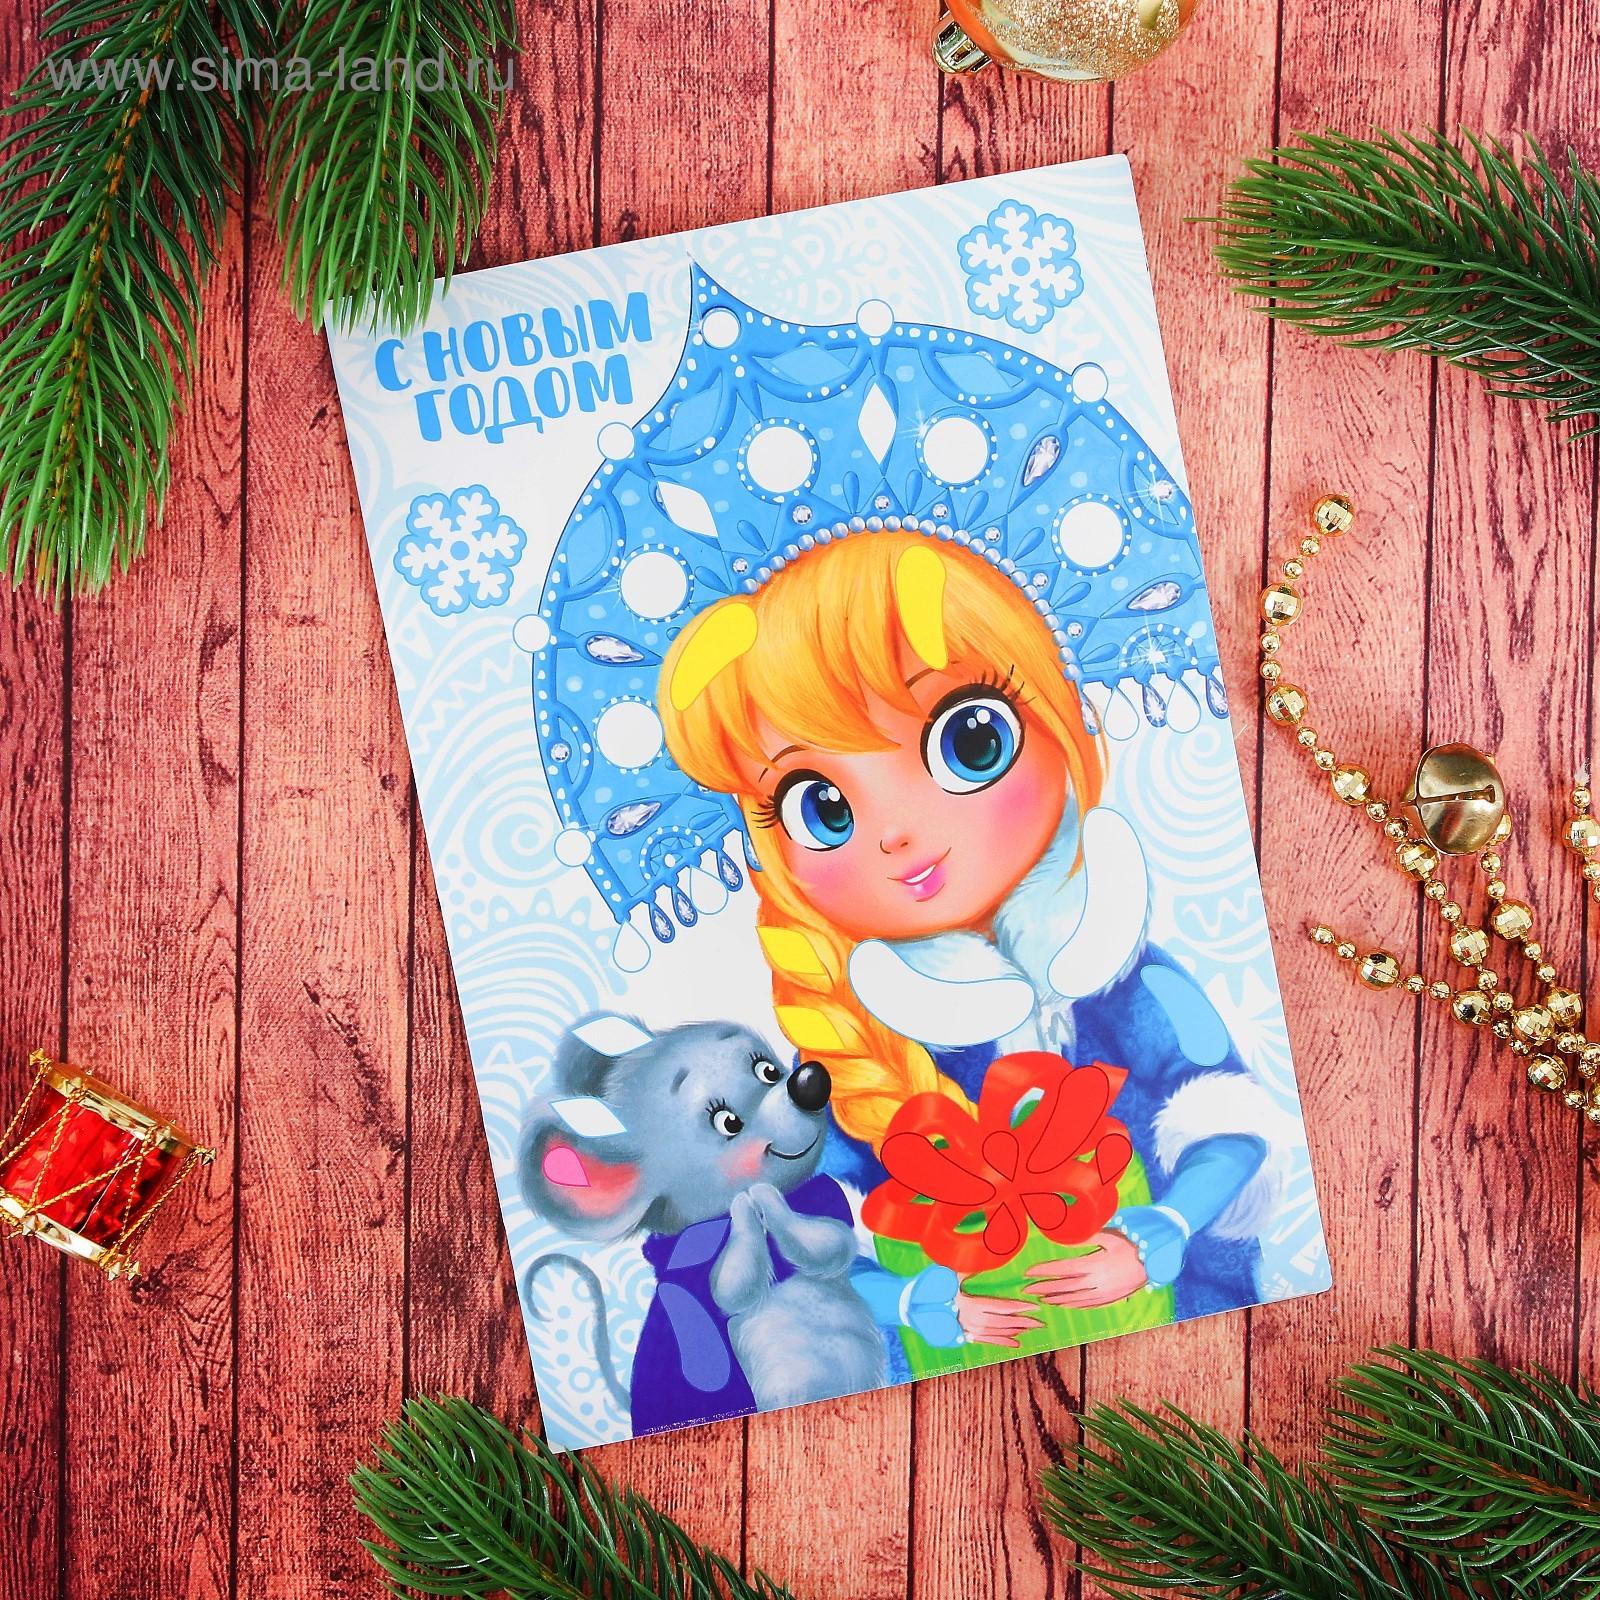 Вывесок, открытки каталог новый год